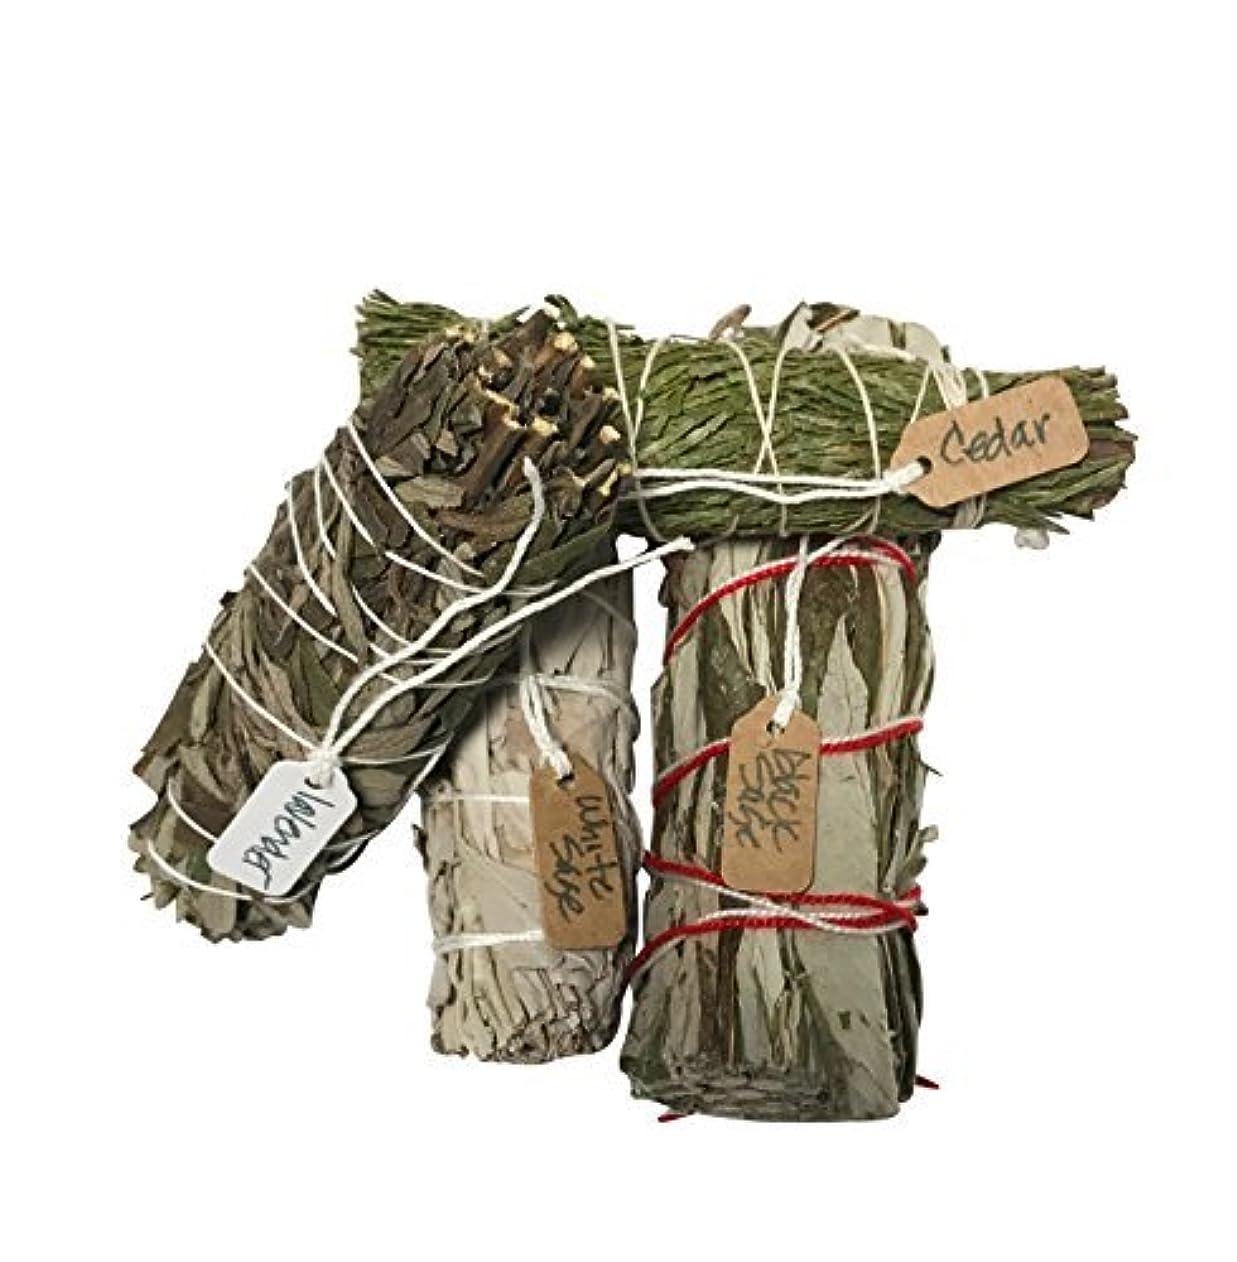 略語妻古代さまざまなSmudge Sticksサンプル最高級のための機会ホワイトセージ、ラベンダー、杉、ブラックセージ1つの各4 Inches Long。